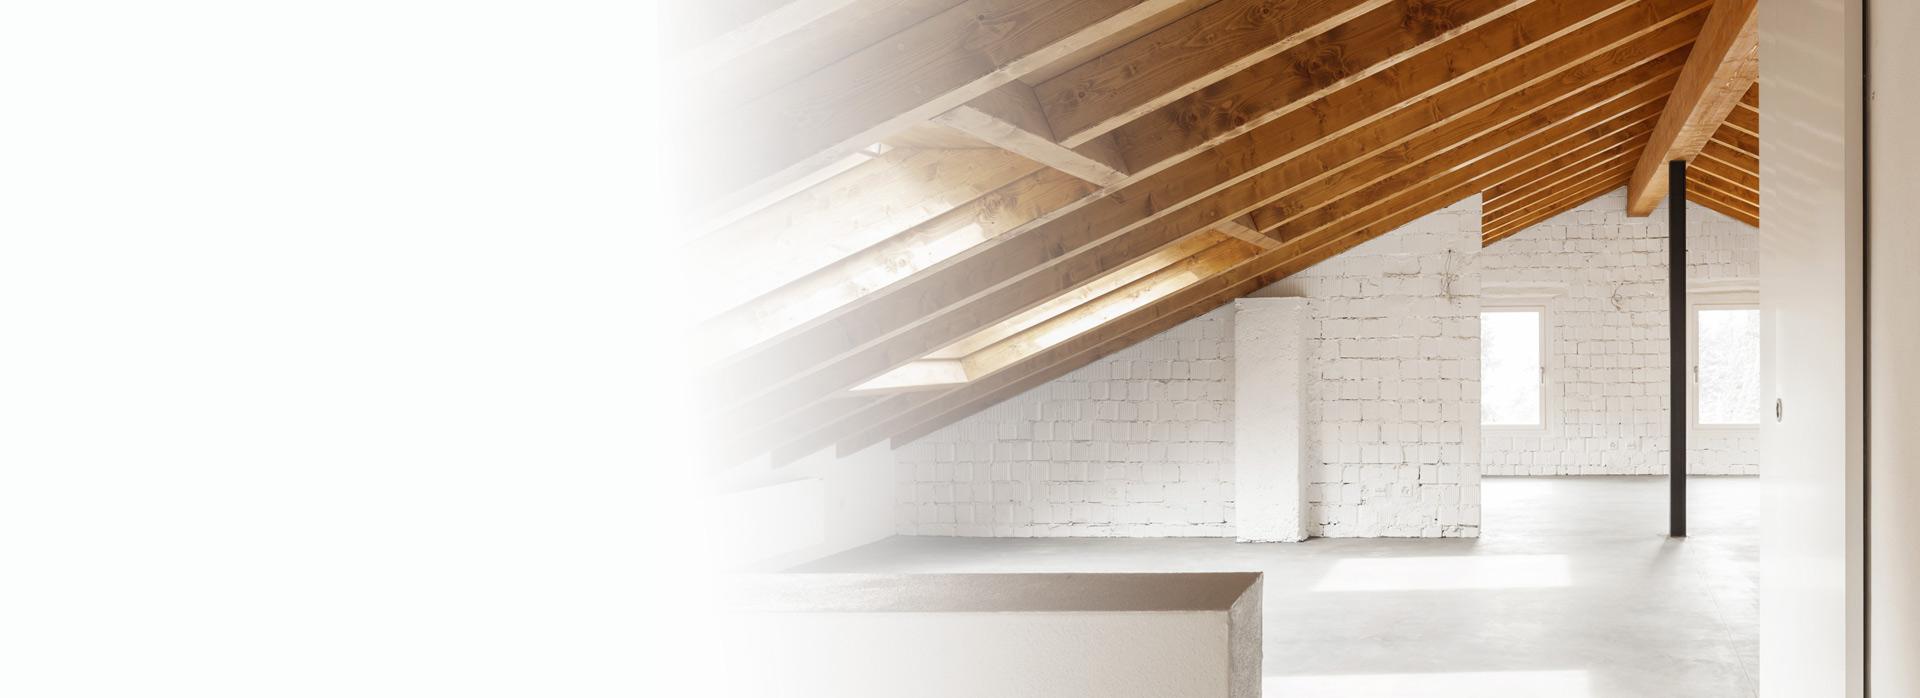 Ein entrümpelter und freier Dachstuhl inkl. Dachfenster